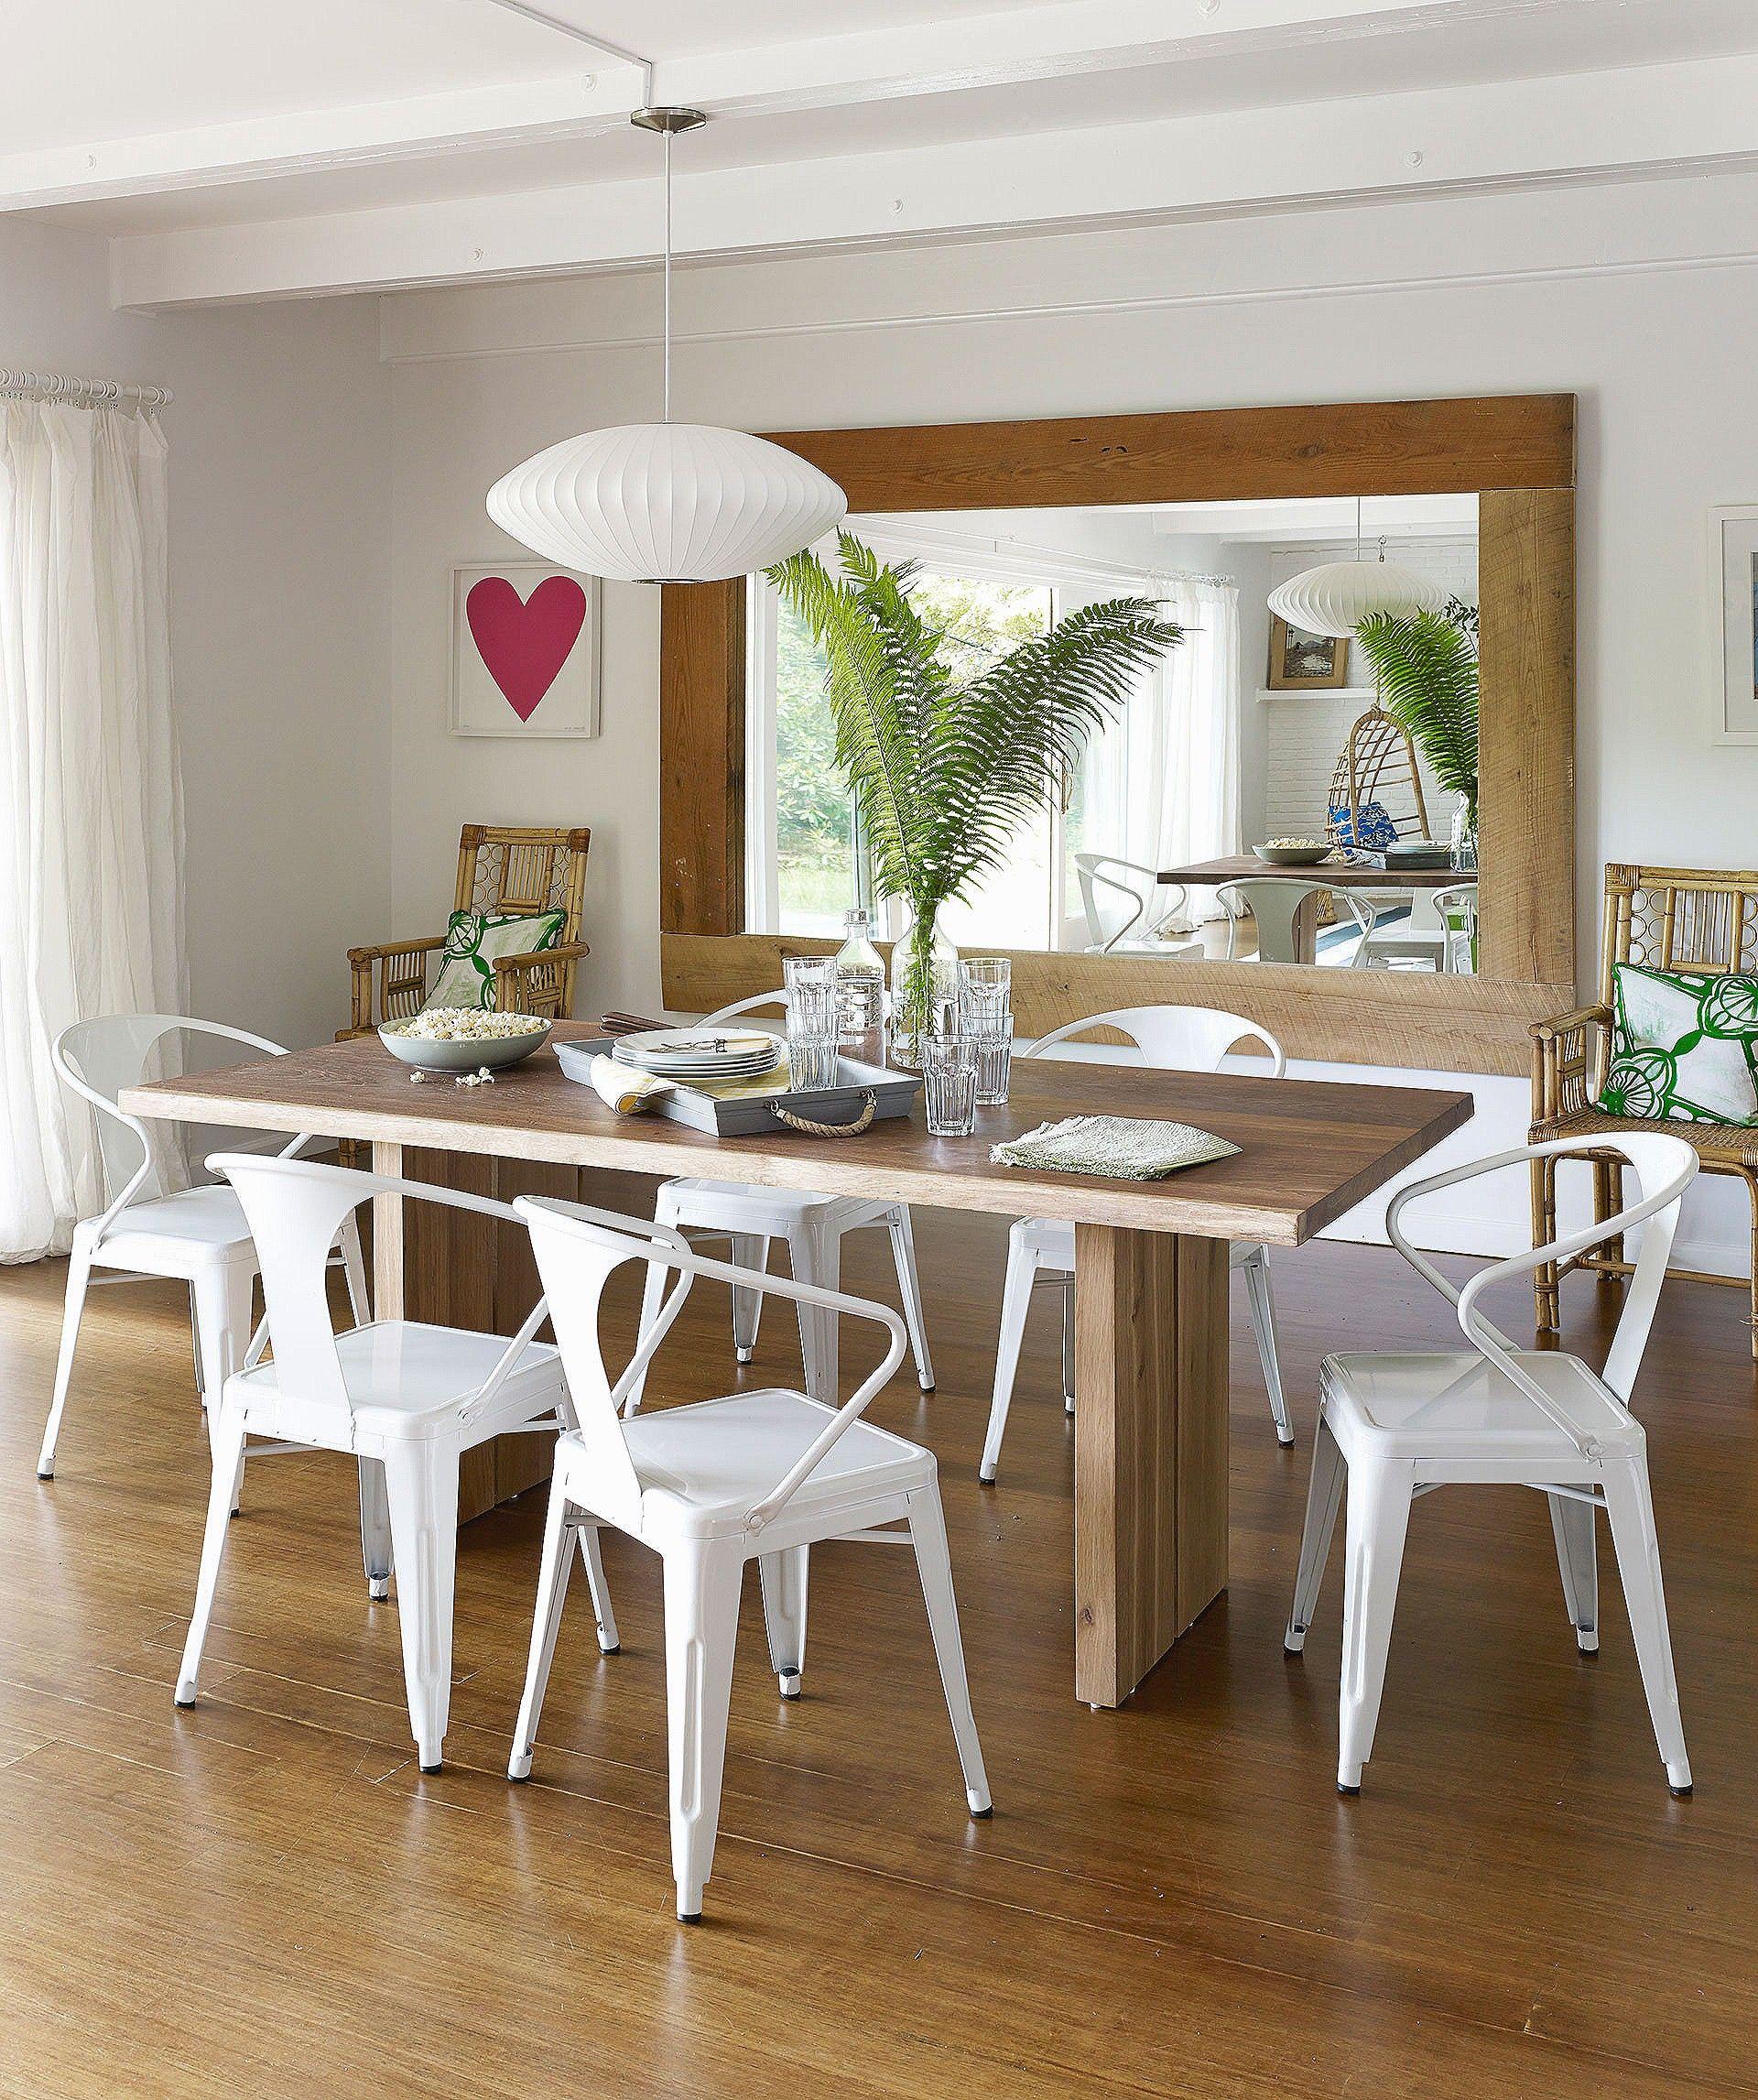 Kinder Bauernhaus Tisch Und Stühlen Hof Küche Tisch Sets Billig